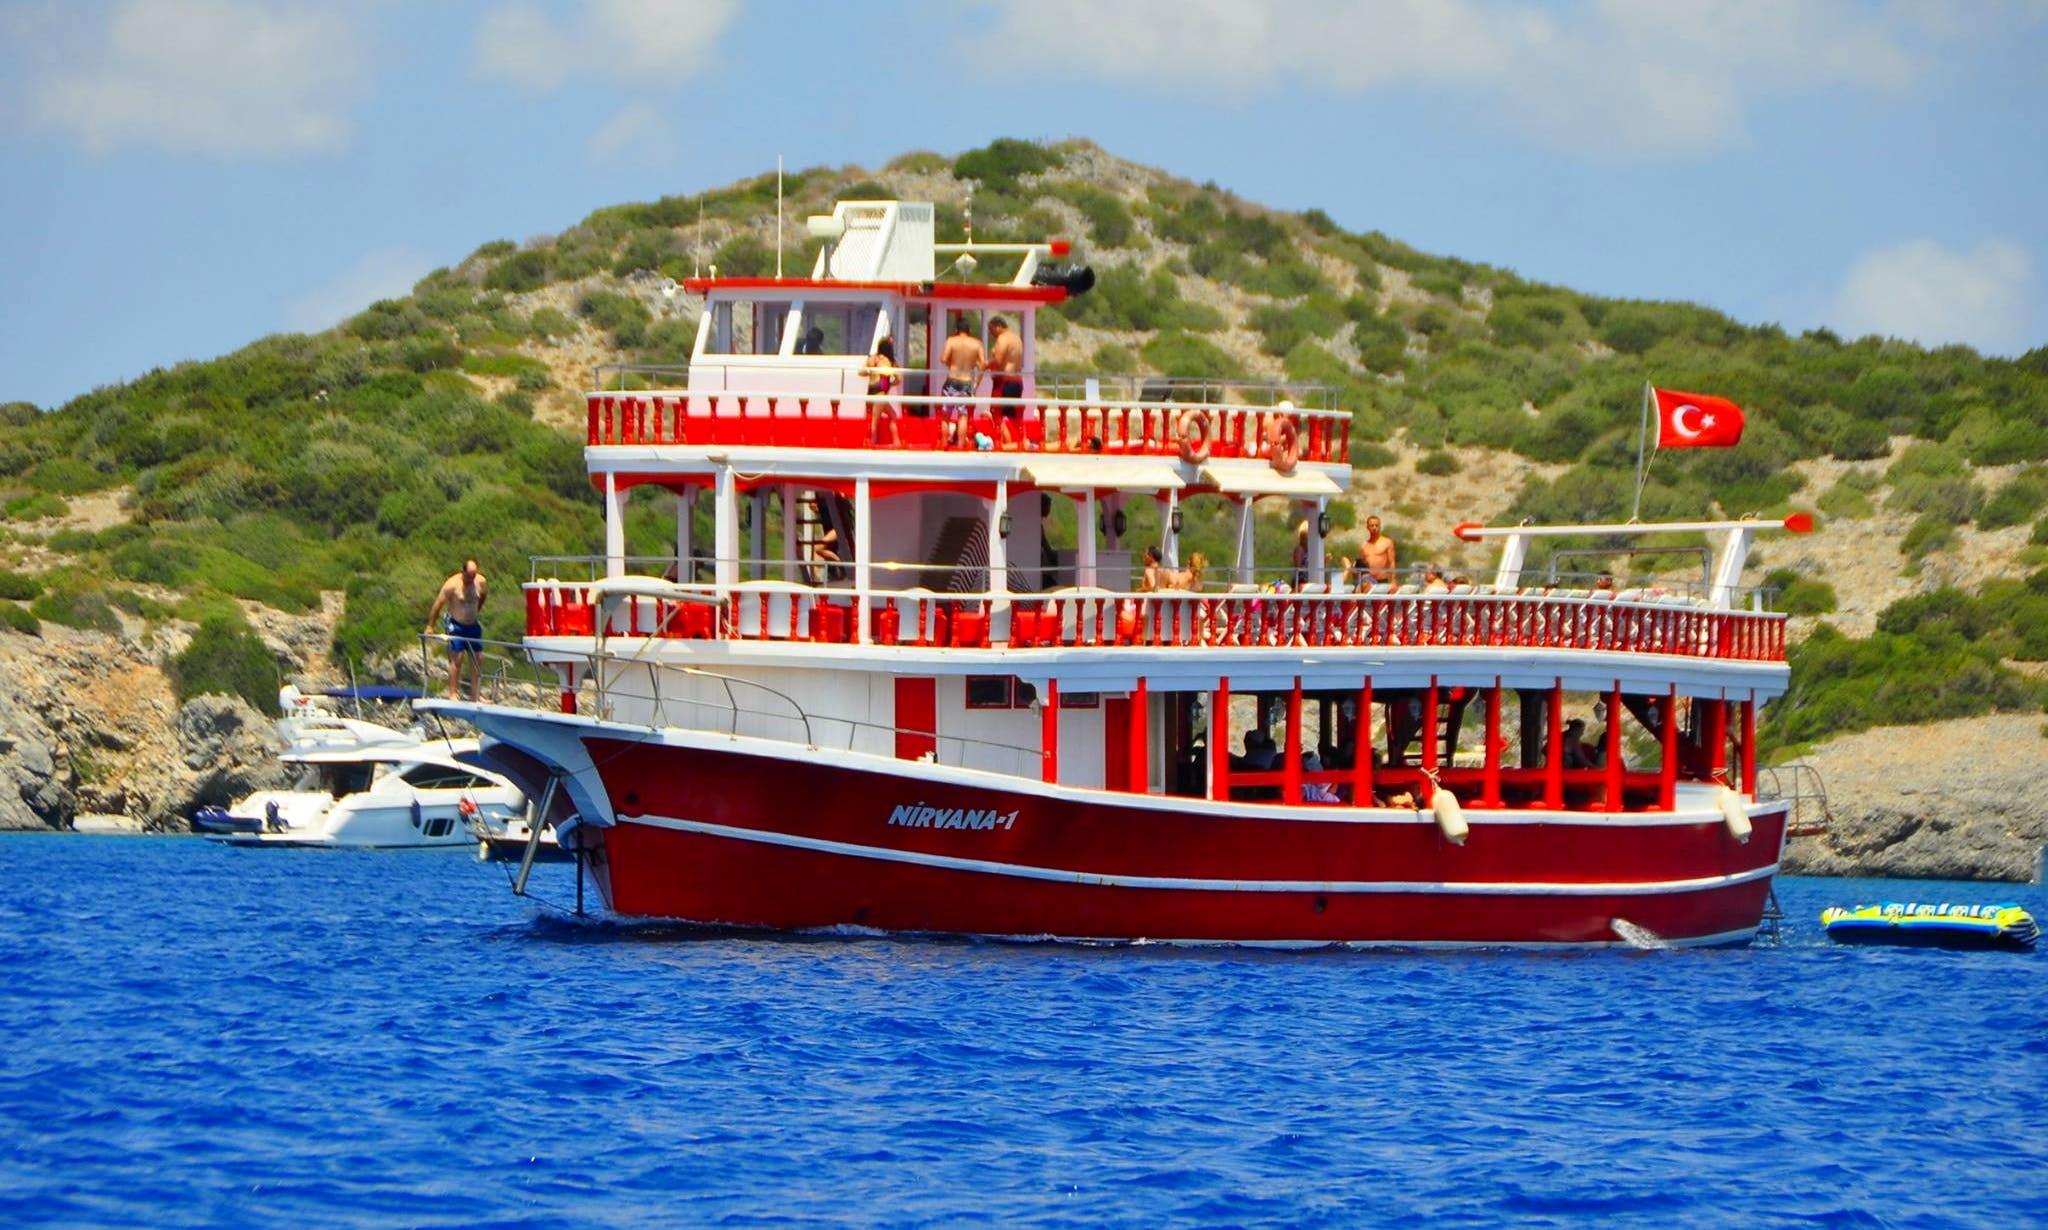 Enjoy Muğla, Turkey on Nirvana 1 Passenger Boat